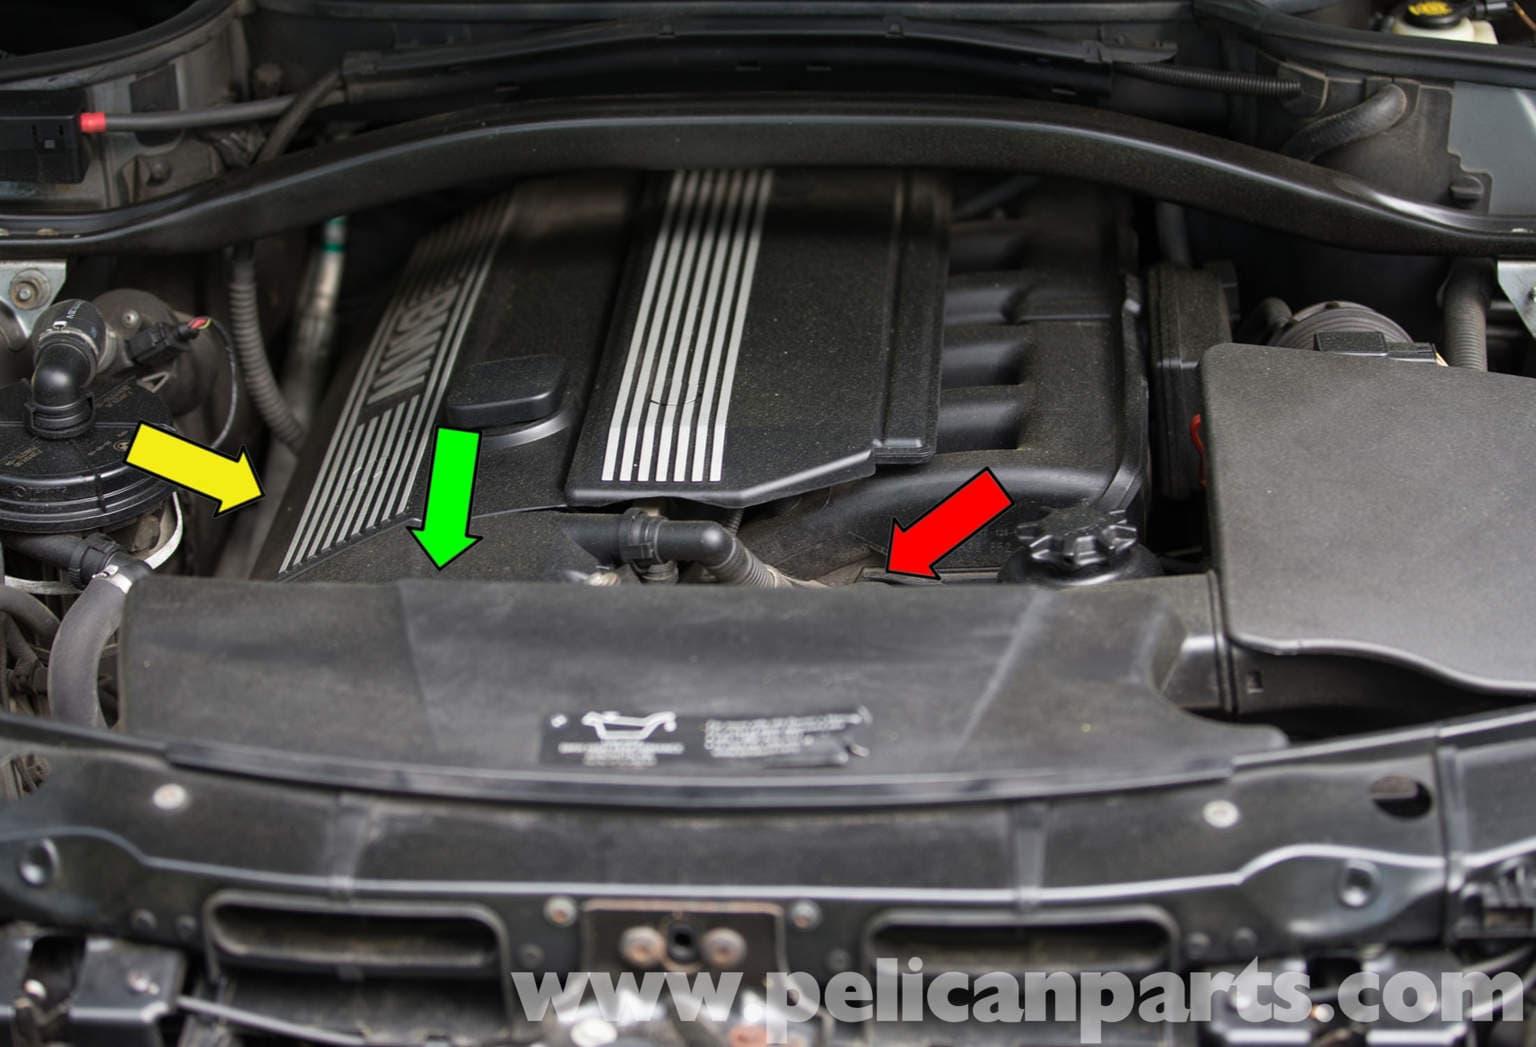 Pelican Parts Technical Article Bmw X3 Oil Leak Diagnosis